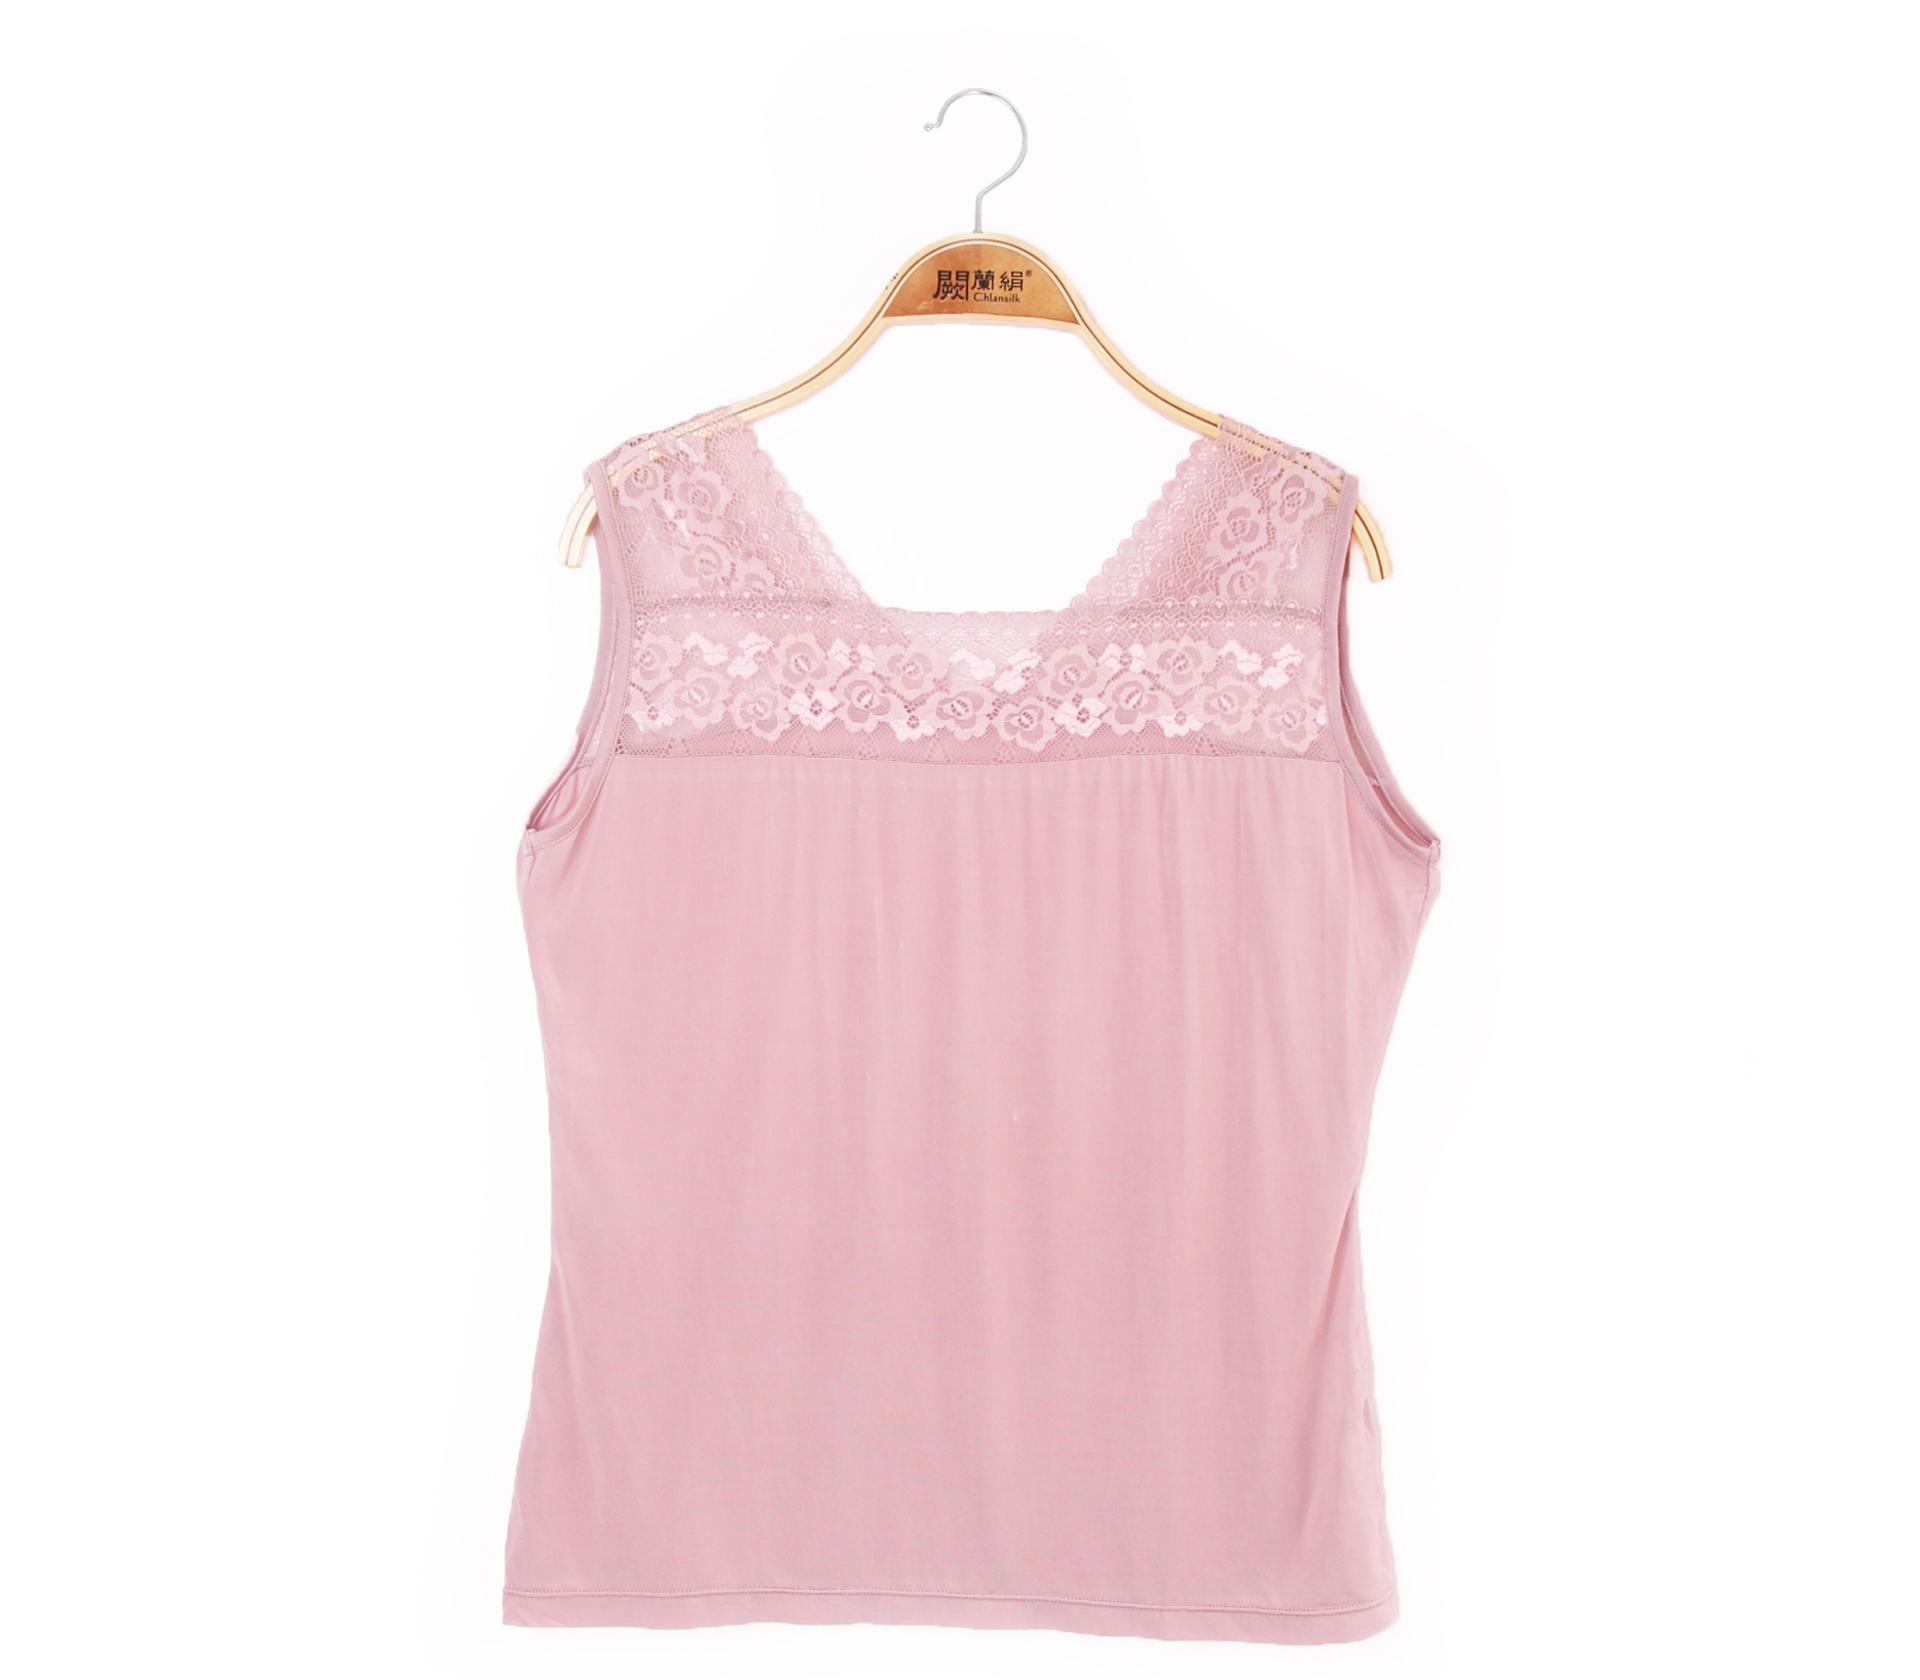 闕蘭絹兩面穿蕾絲拼接100%蠶絲背心 - 粉 - 9924